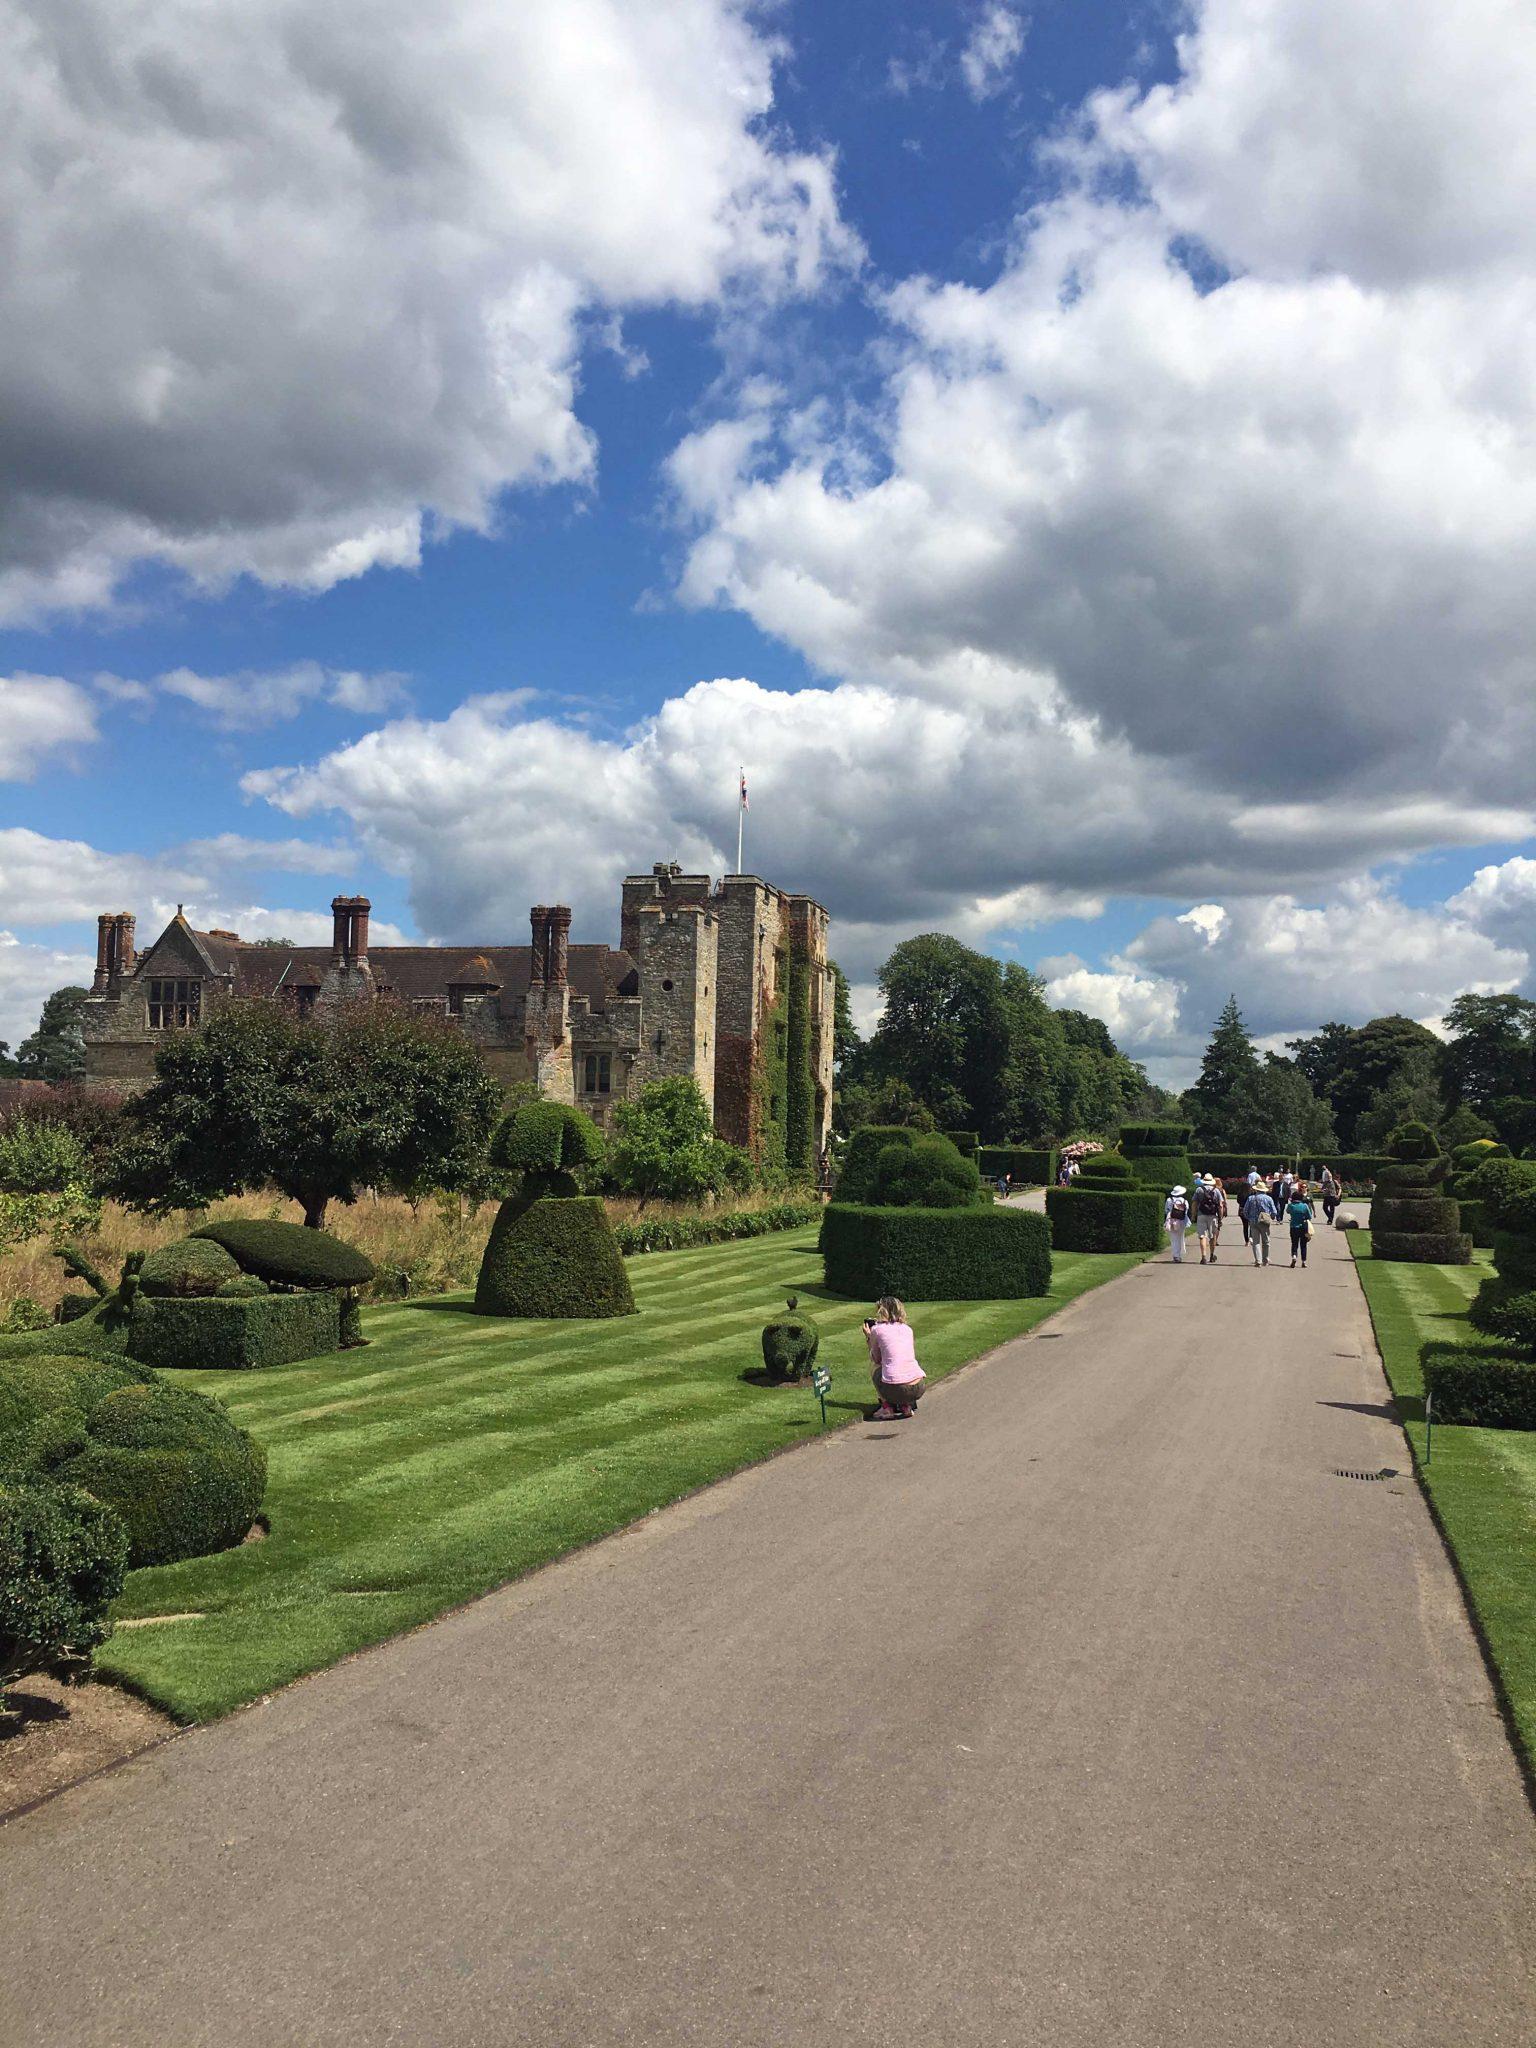 Anne Boleynin lapsuudenkoti Hever Castle